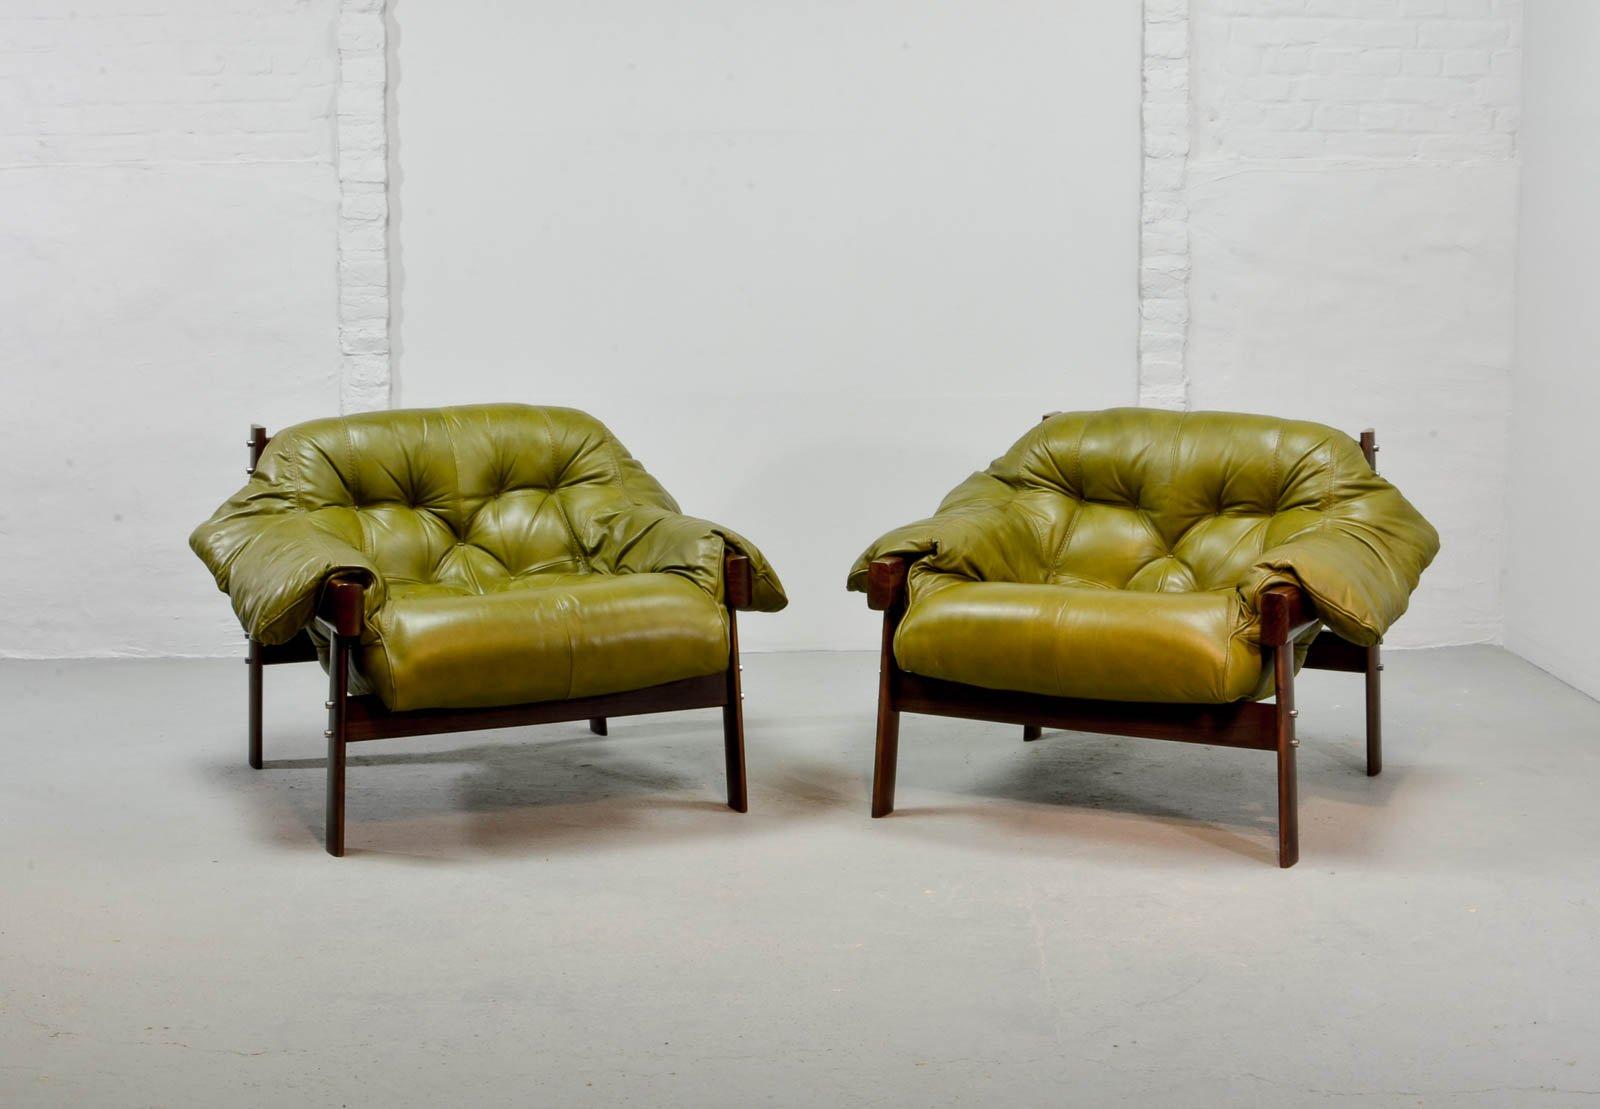 Asombroso Muebles De Cuero Verde Otomana Composición - Muebles Para ...